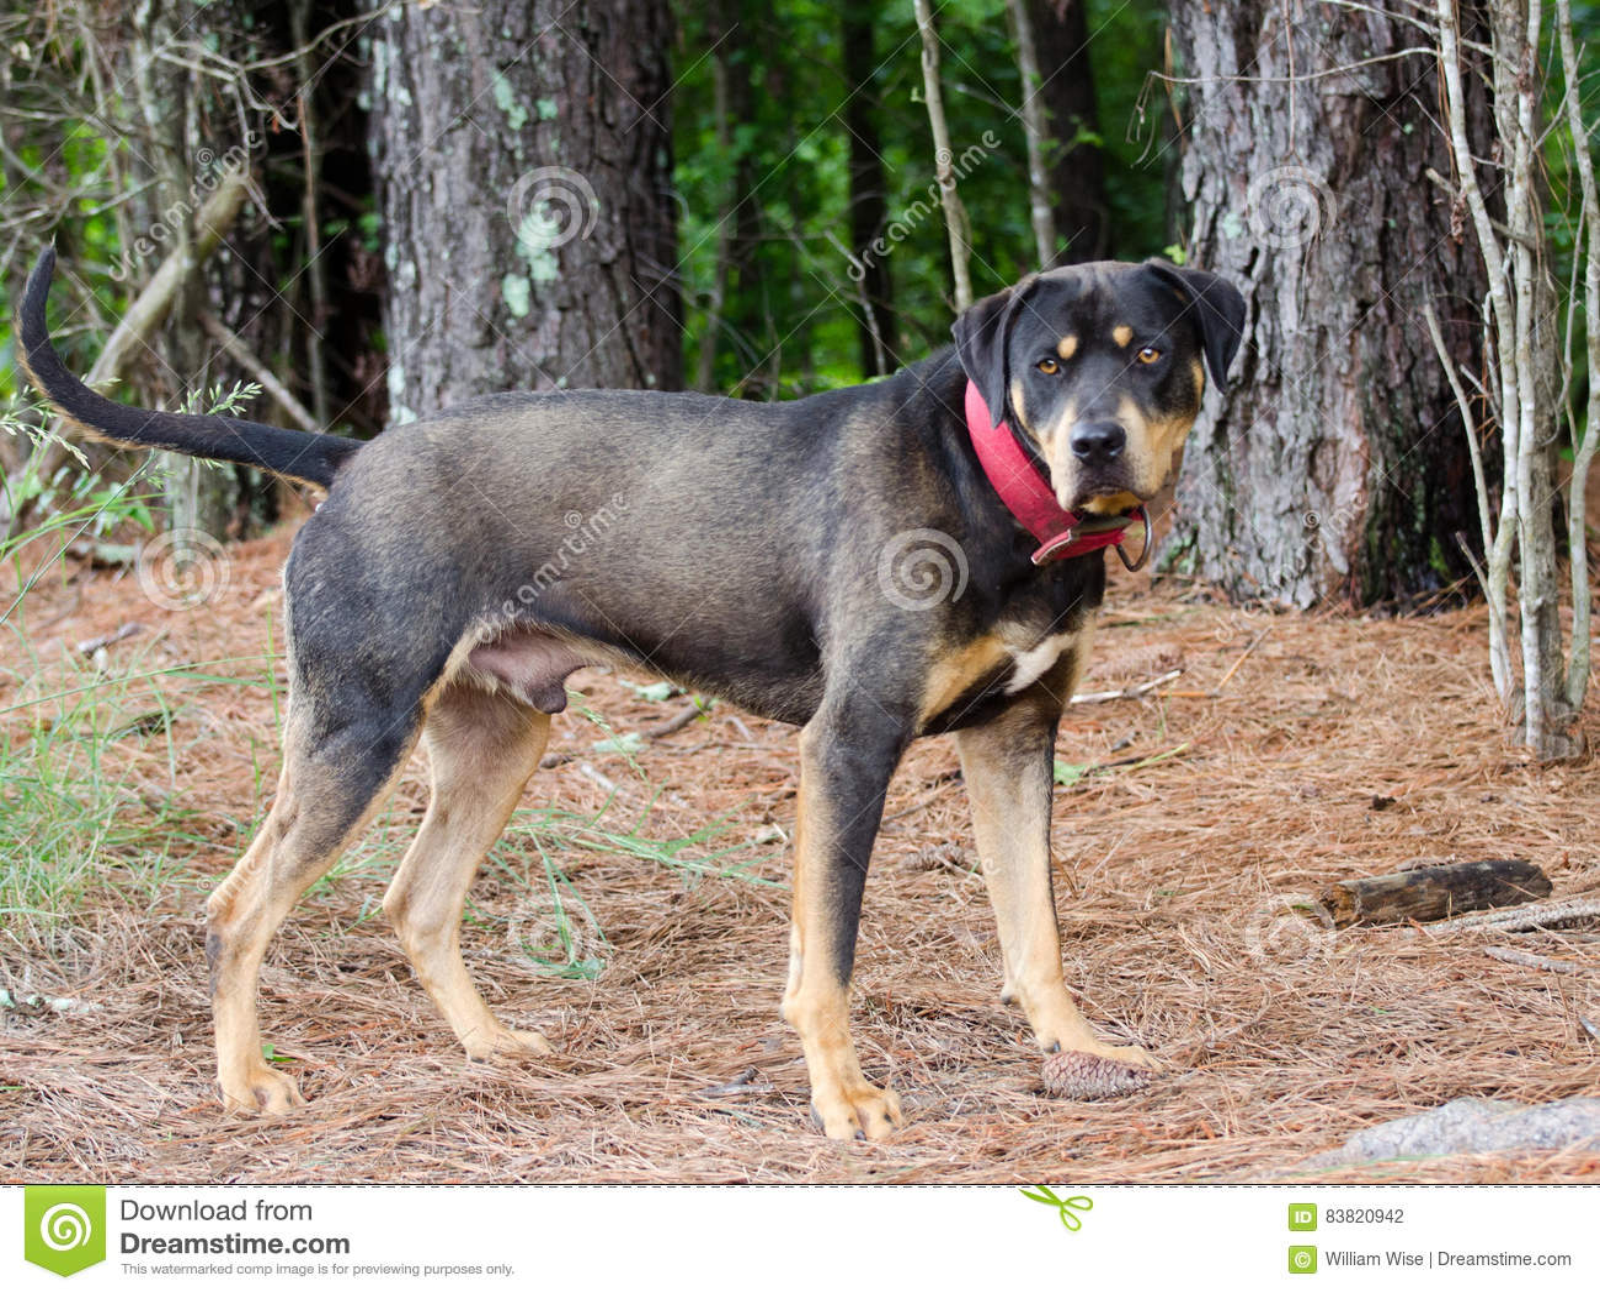 Rottweiler Mastiff Mixed Breed Dog Stock Photo Image Of Shelter